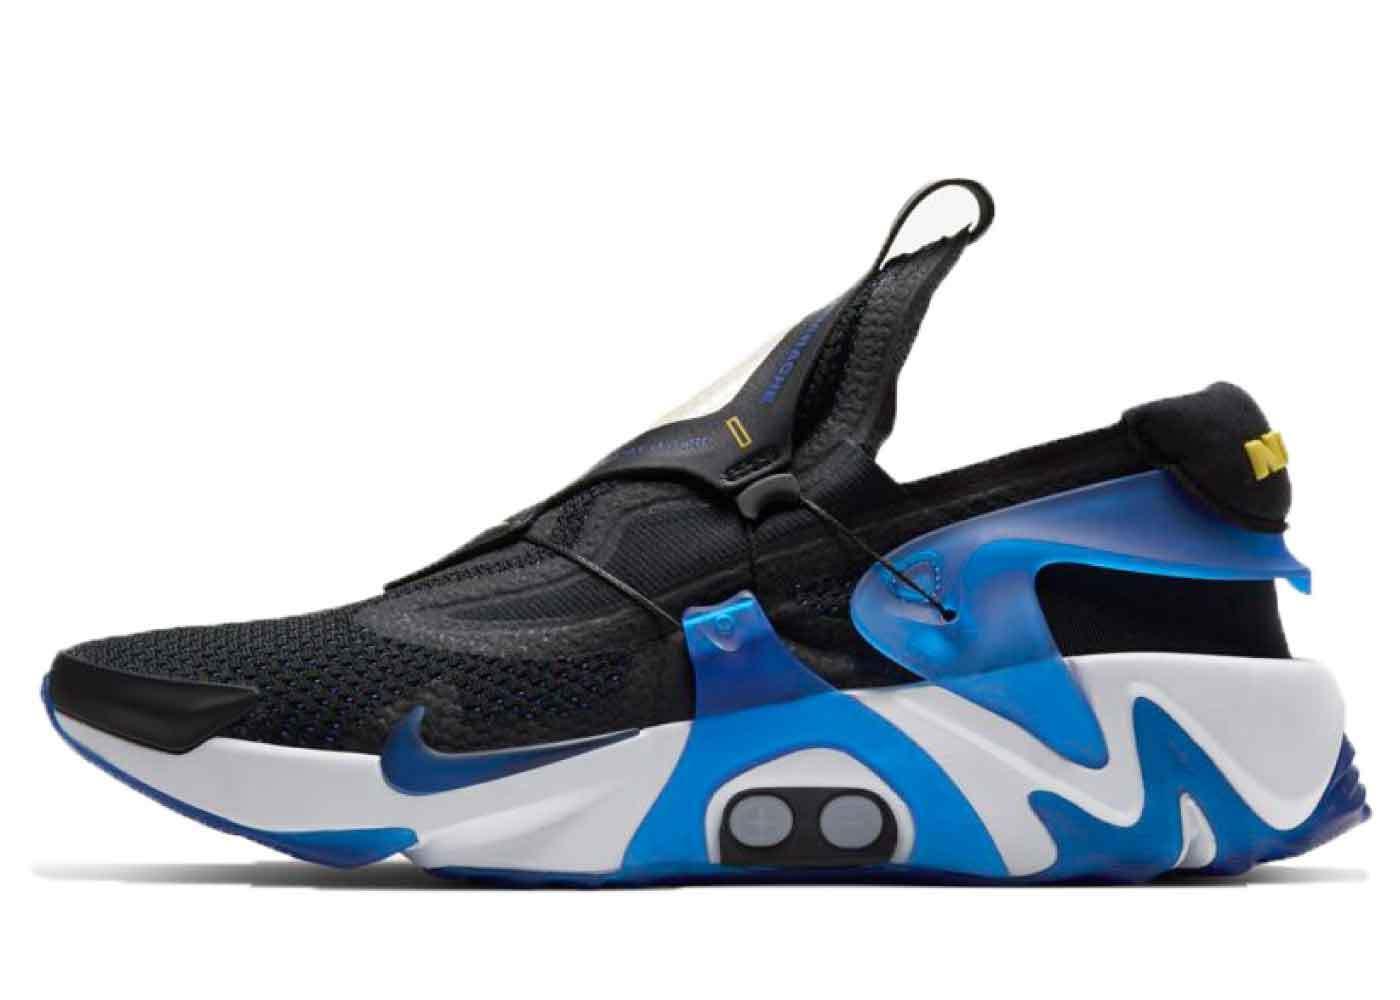 Nike Adapt Hurache Black Racer Blueの写真